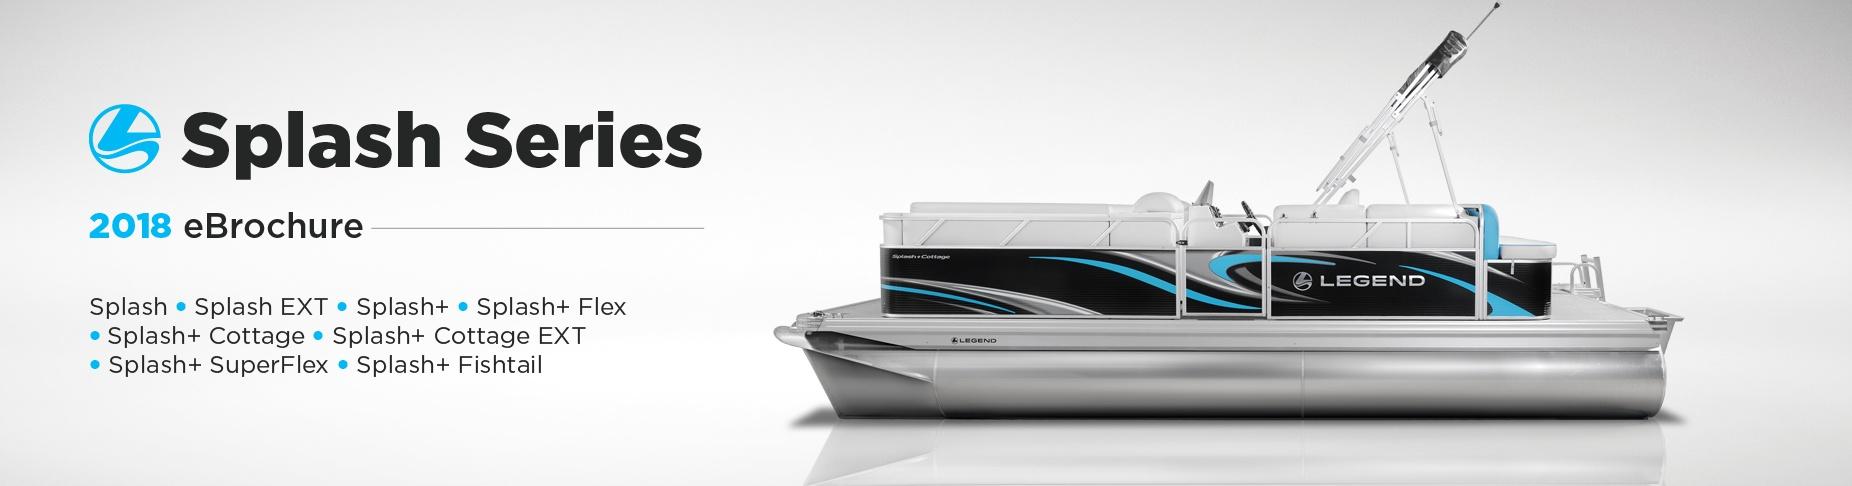 SplashSeries-EbrochureLandingPageBanner.jpg